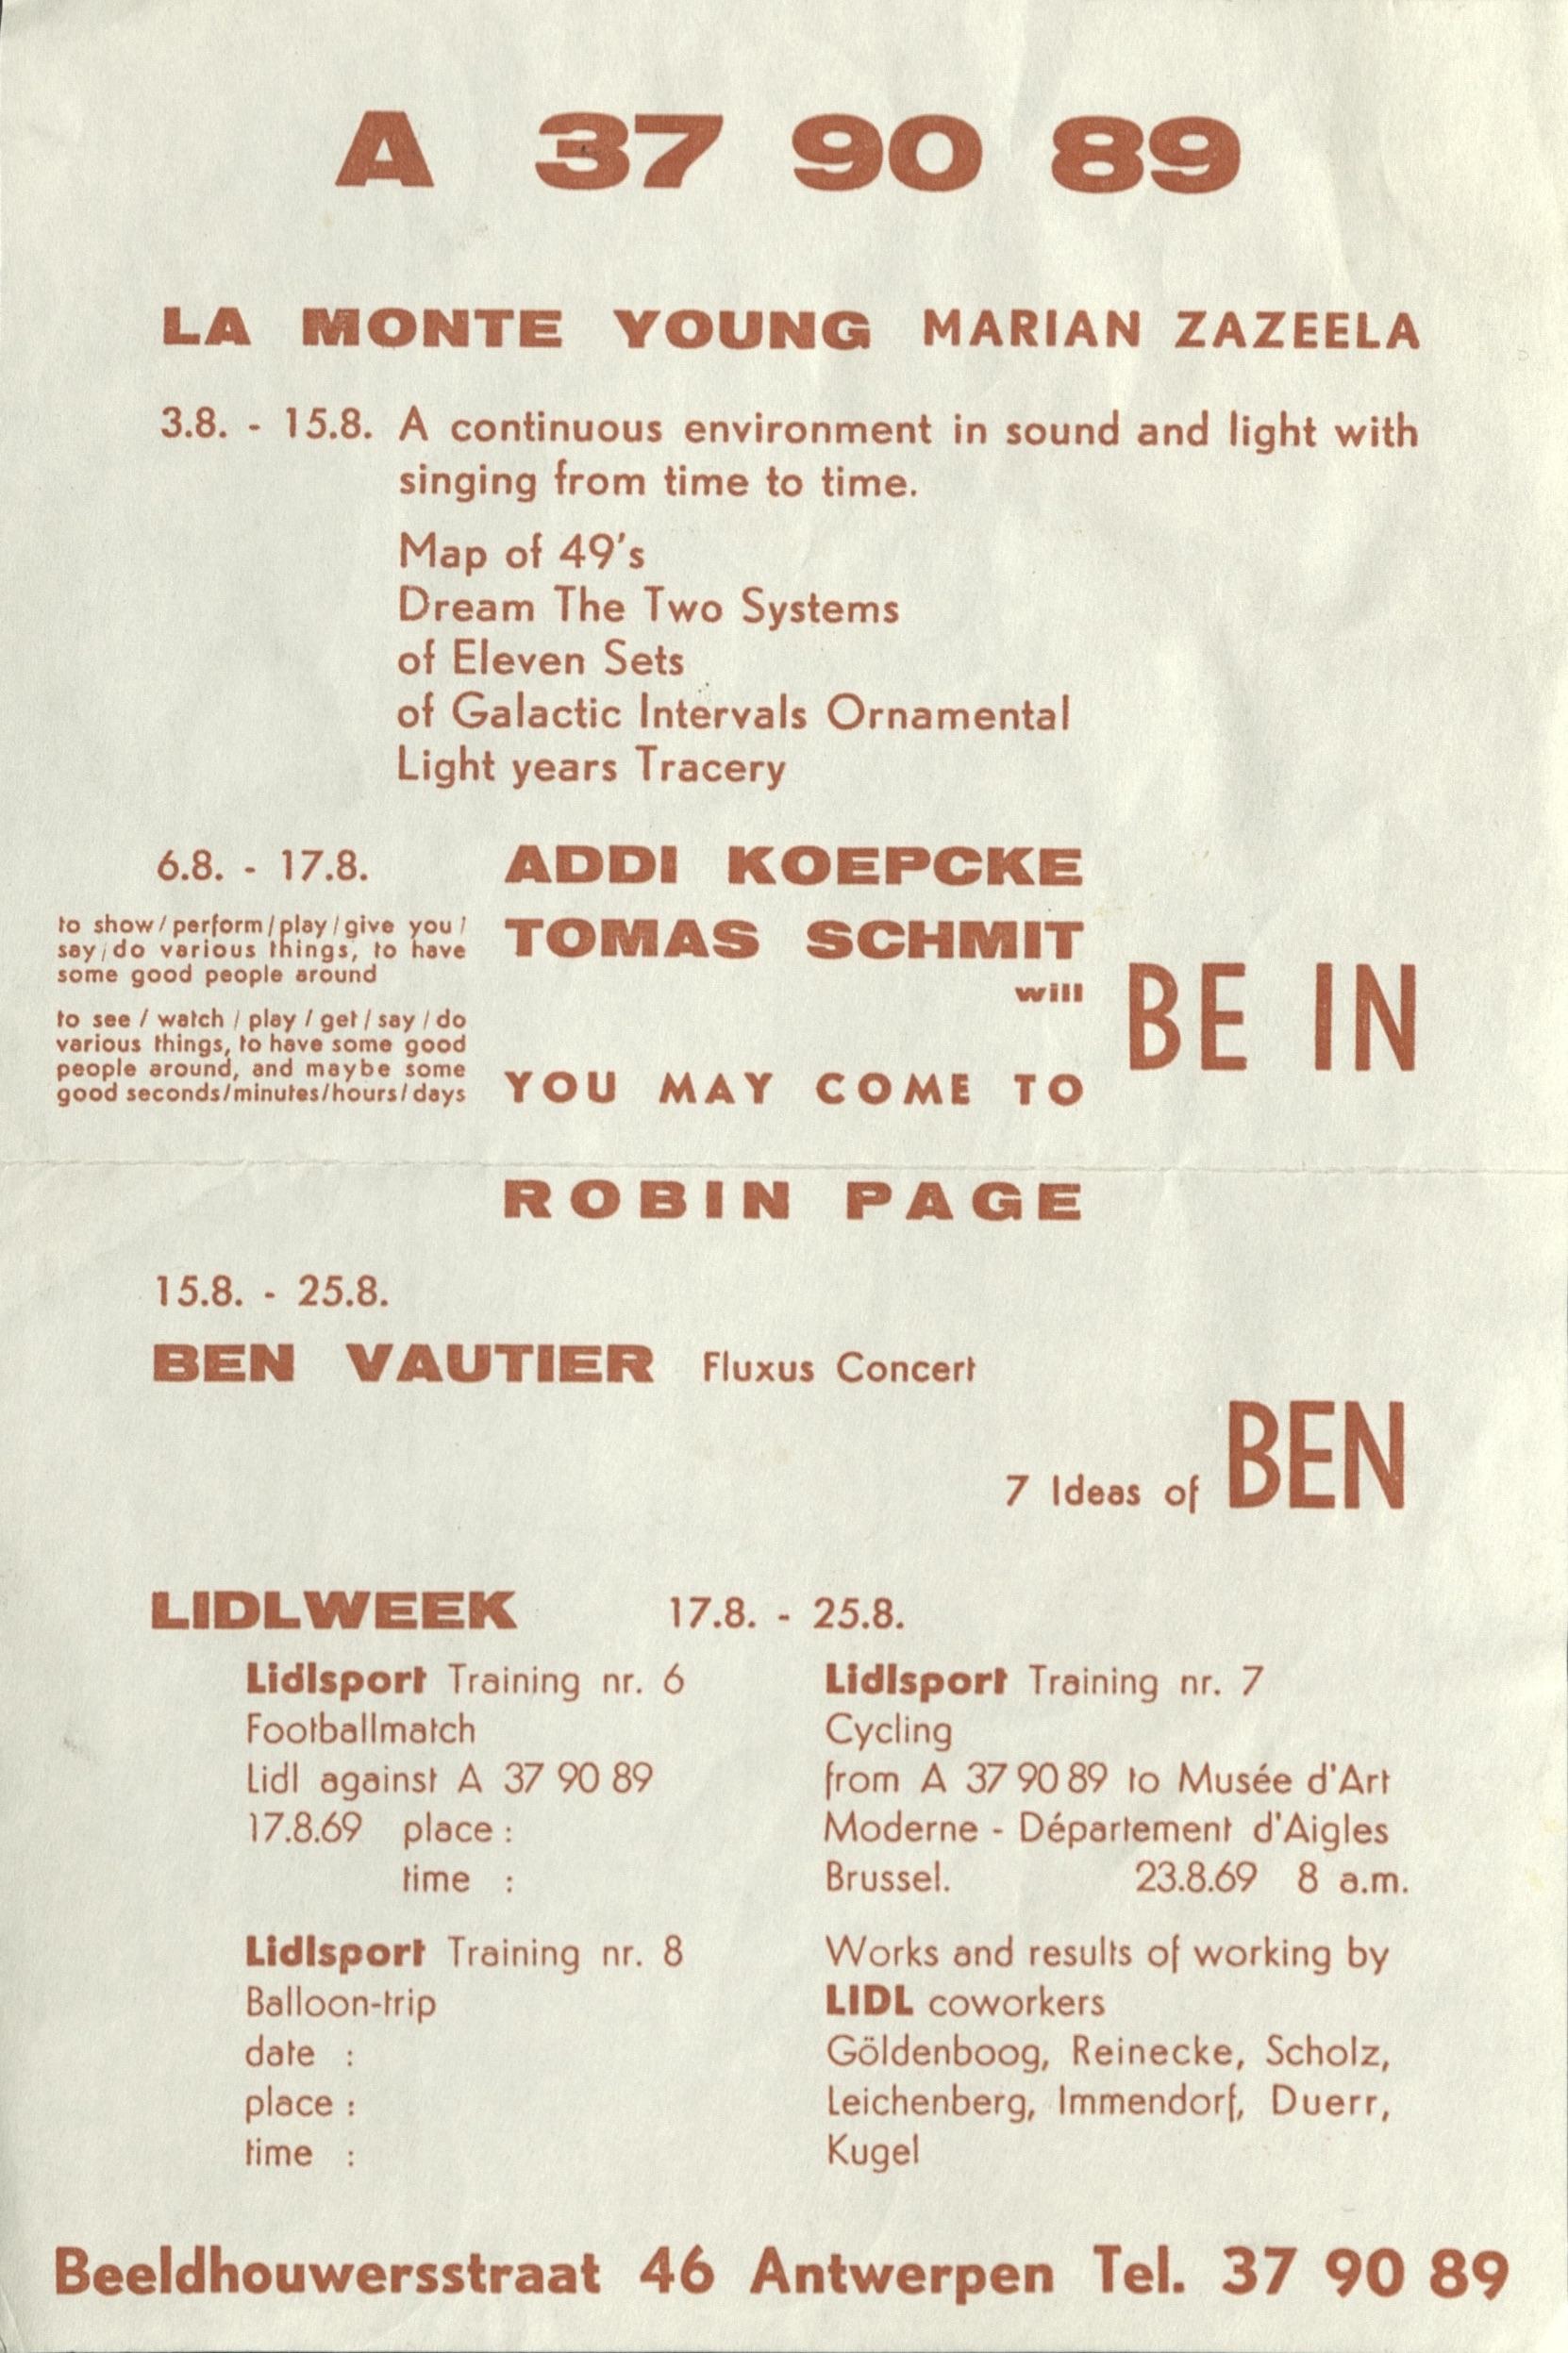 A 37 90 89, Augustflyer, Antwerpen, 1969 (announcement); Archiv der Avantgarden, Staatliche Kunstsammlungen Dresden